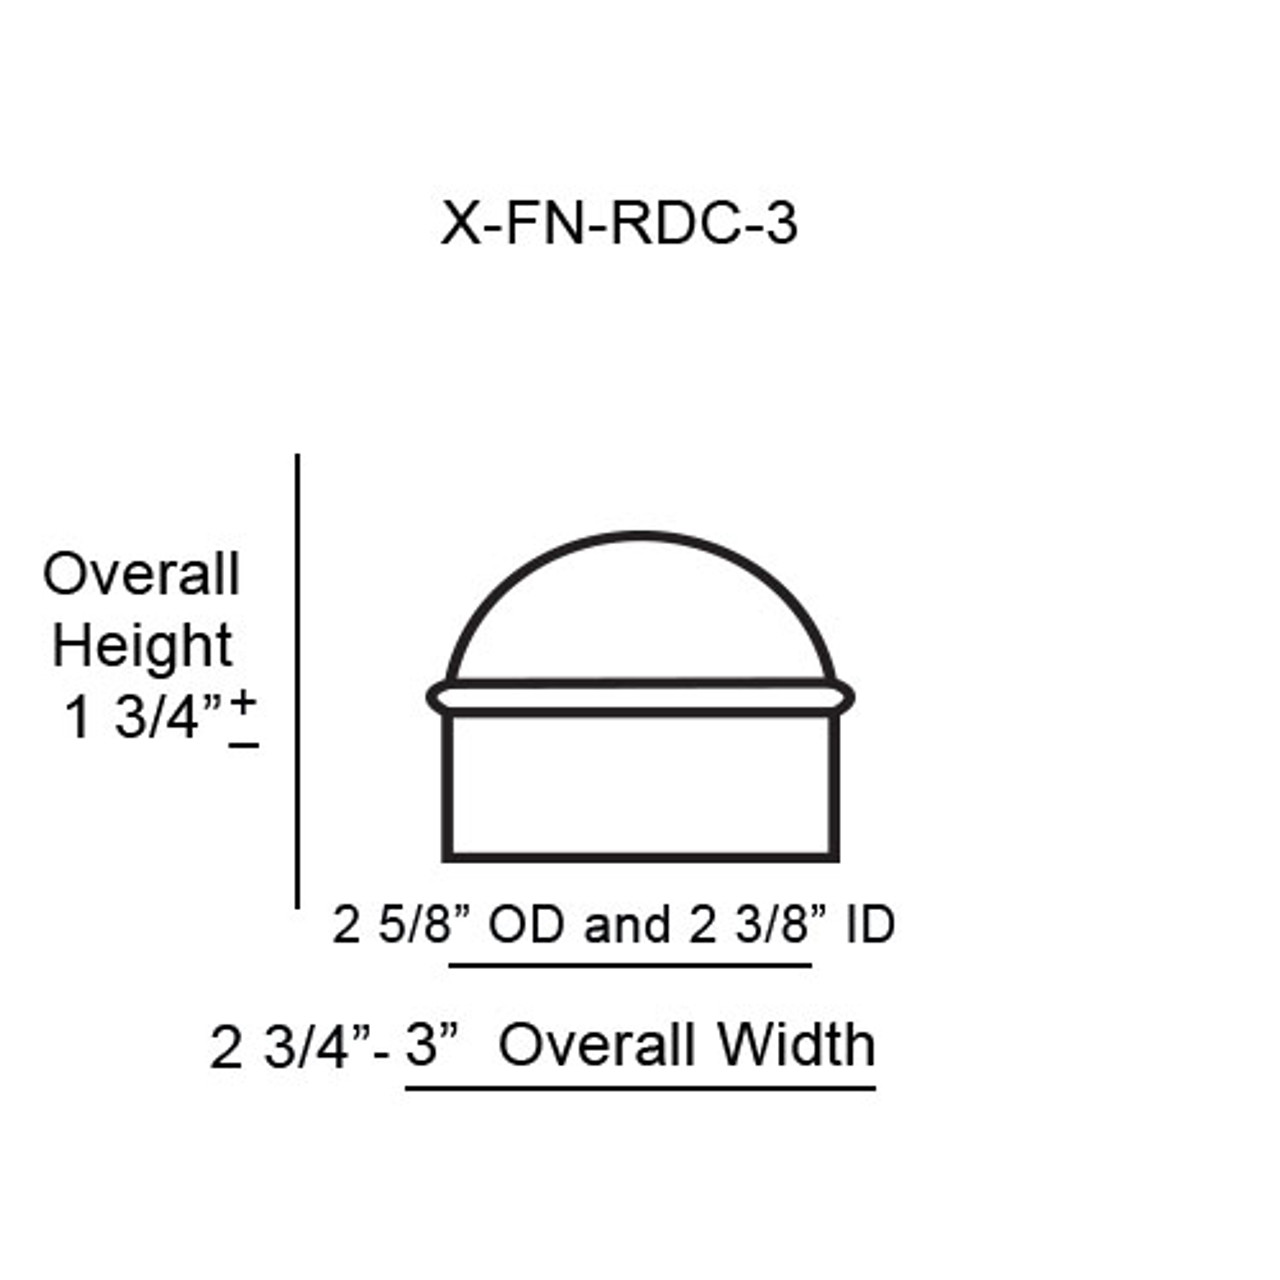 X-FN-RDC-3